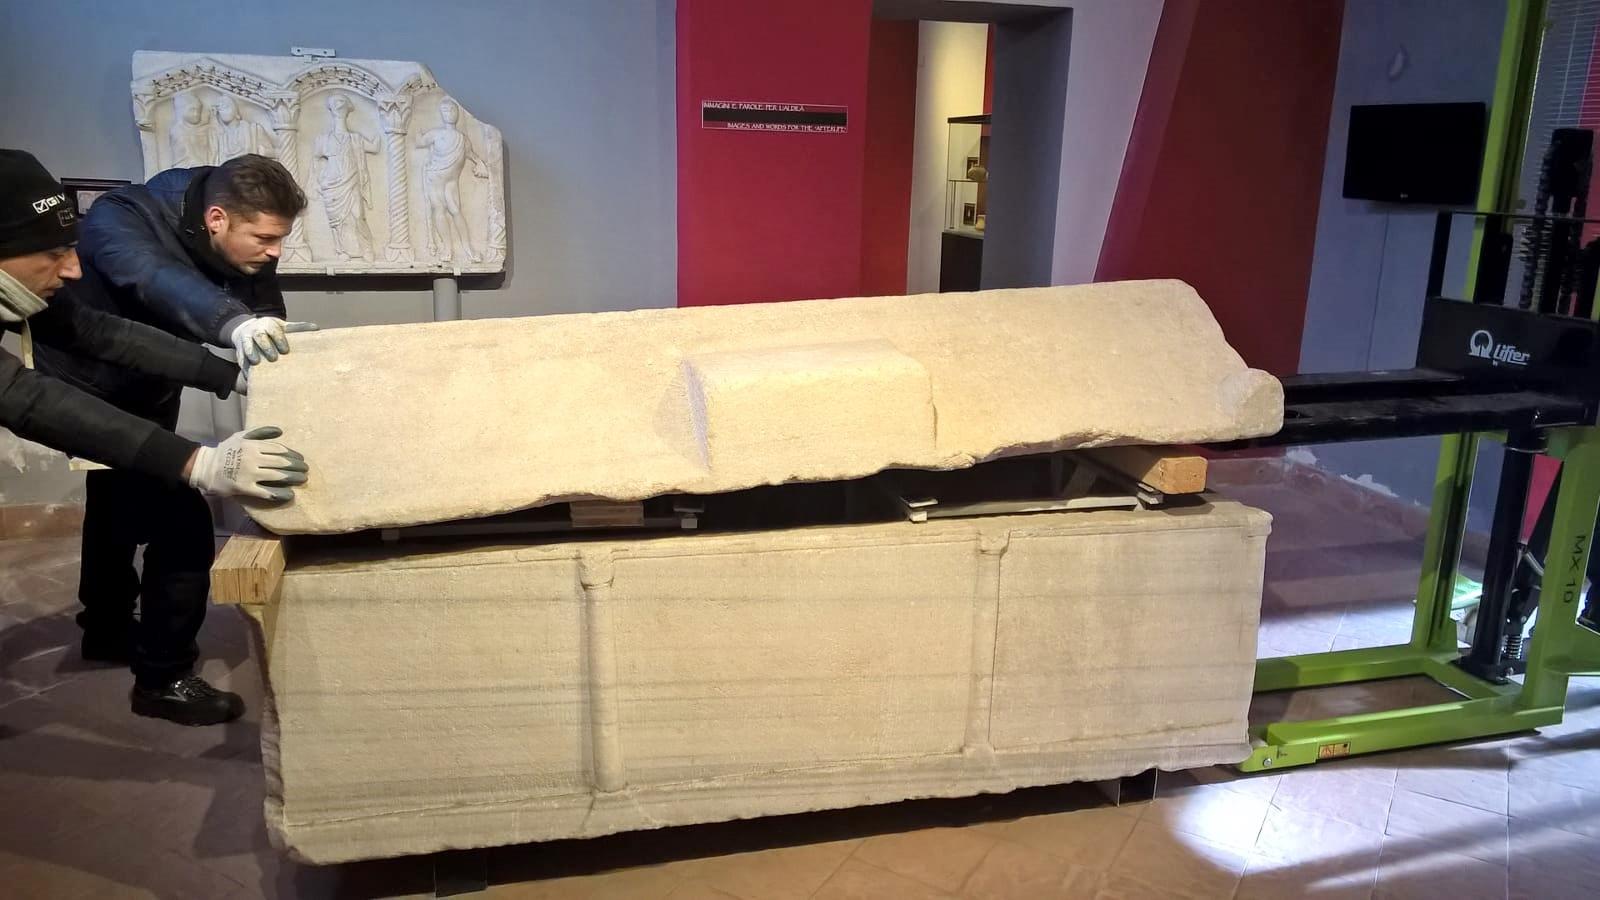 Trasferiti all'Arcdiocesi i manufatti marmorei in deposito all'Museo del Sannio